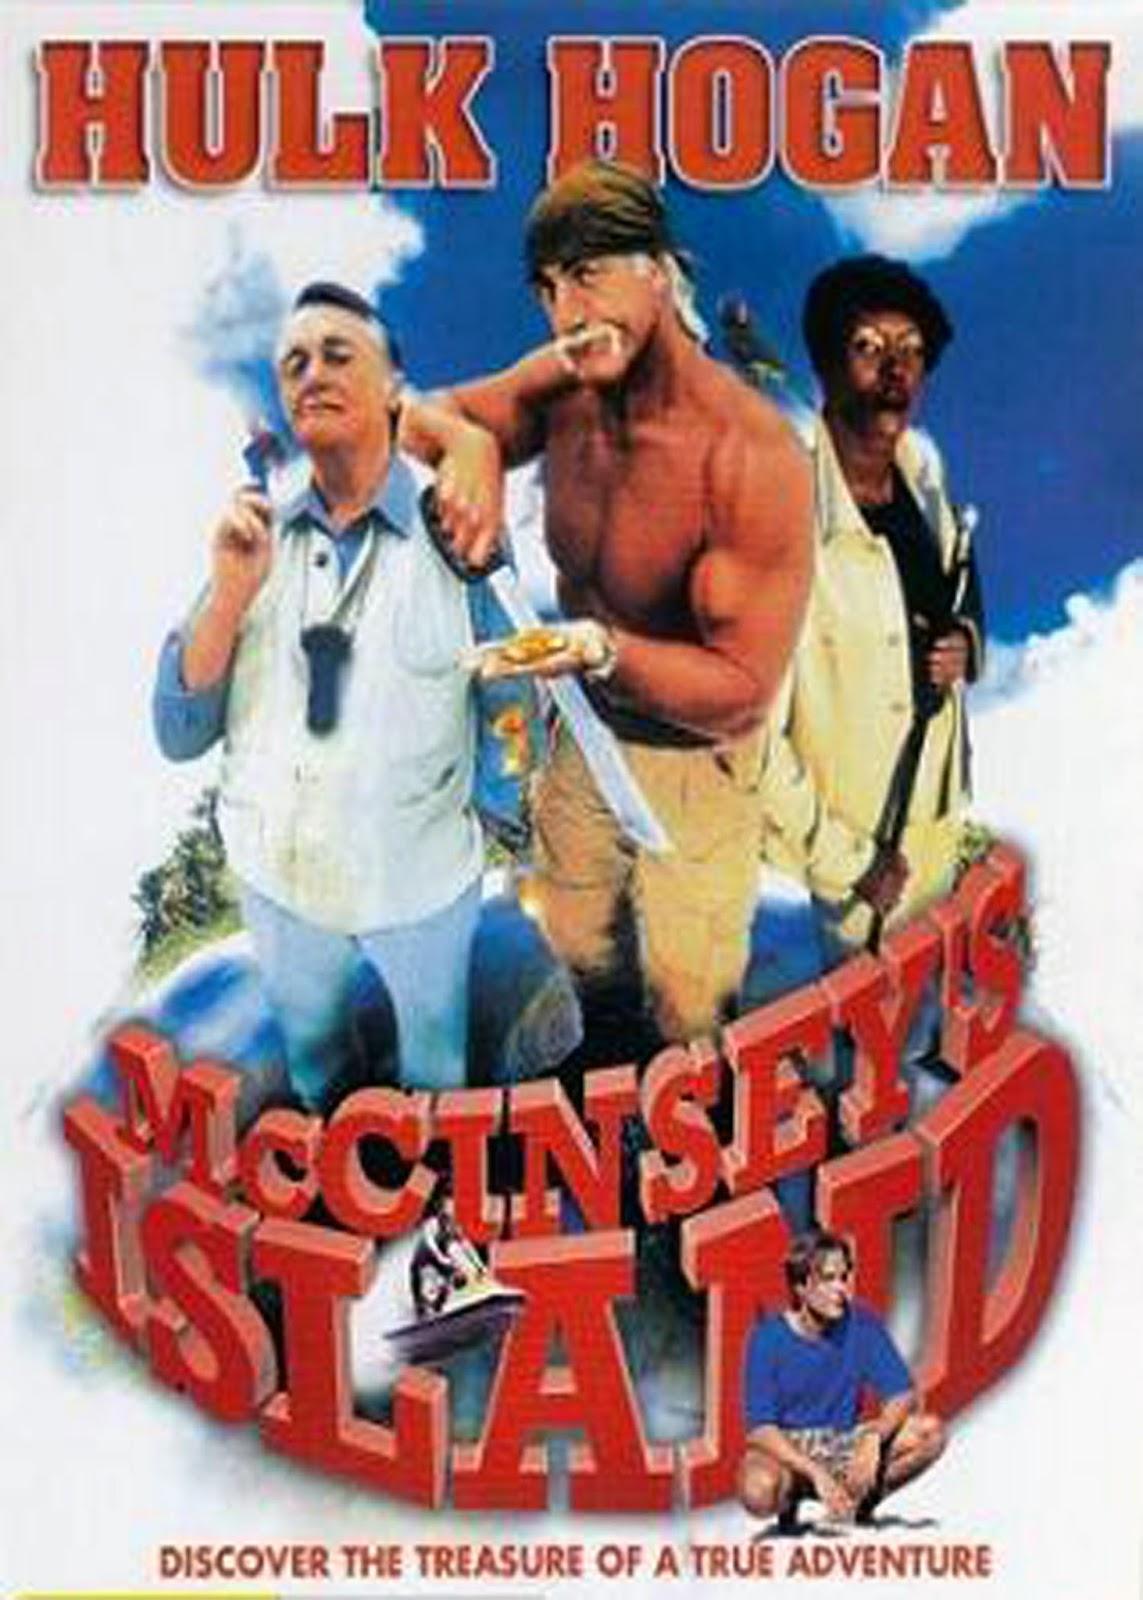 La isla de McCinsey (1998)